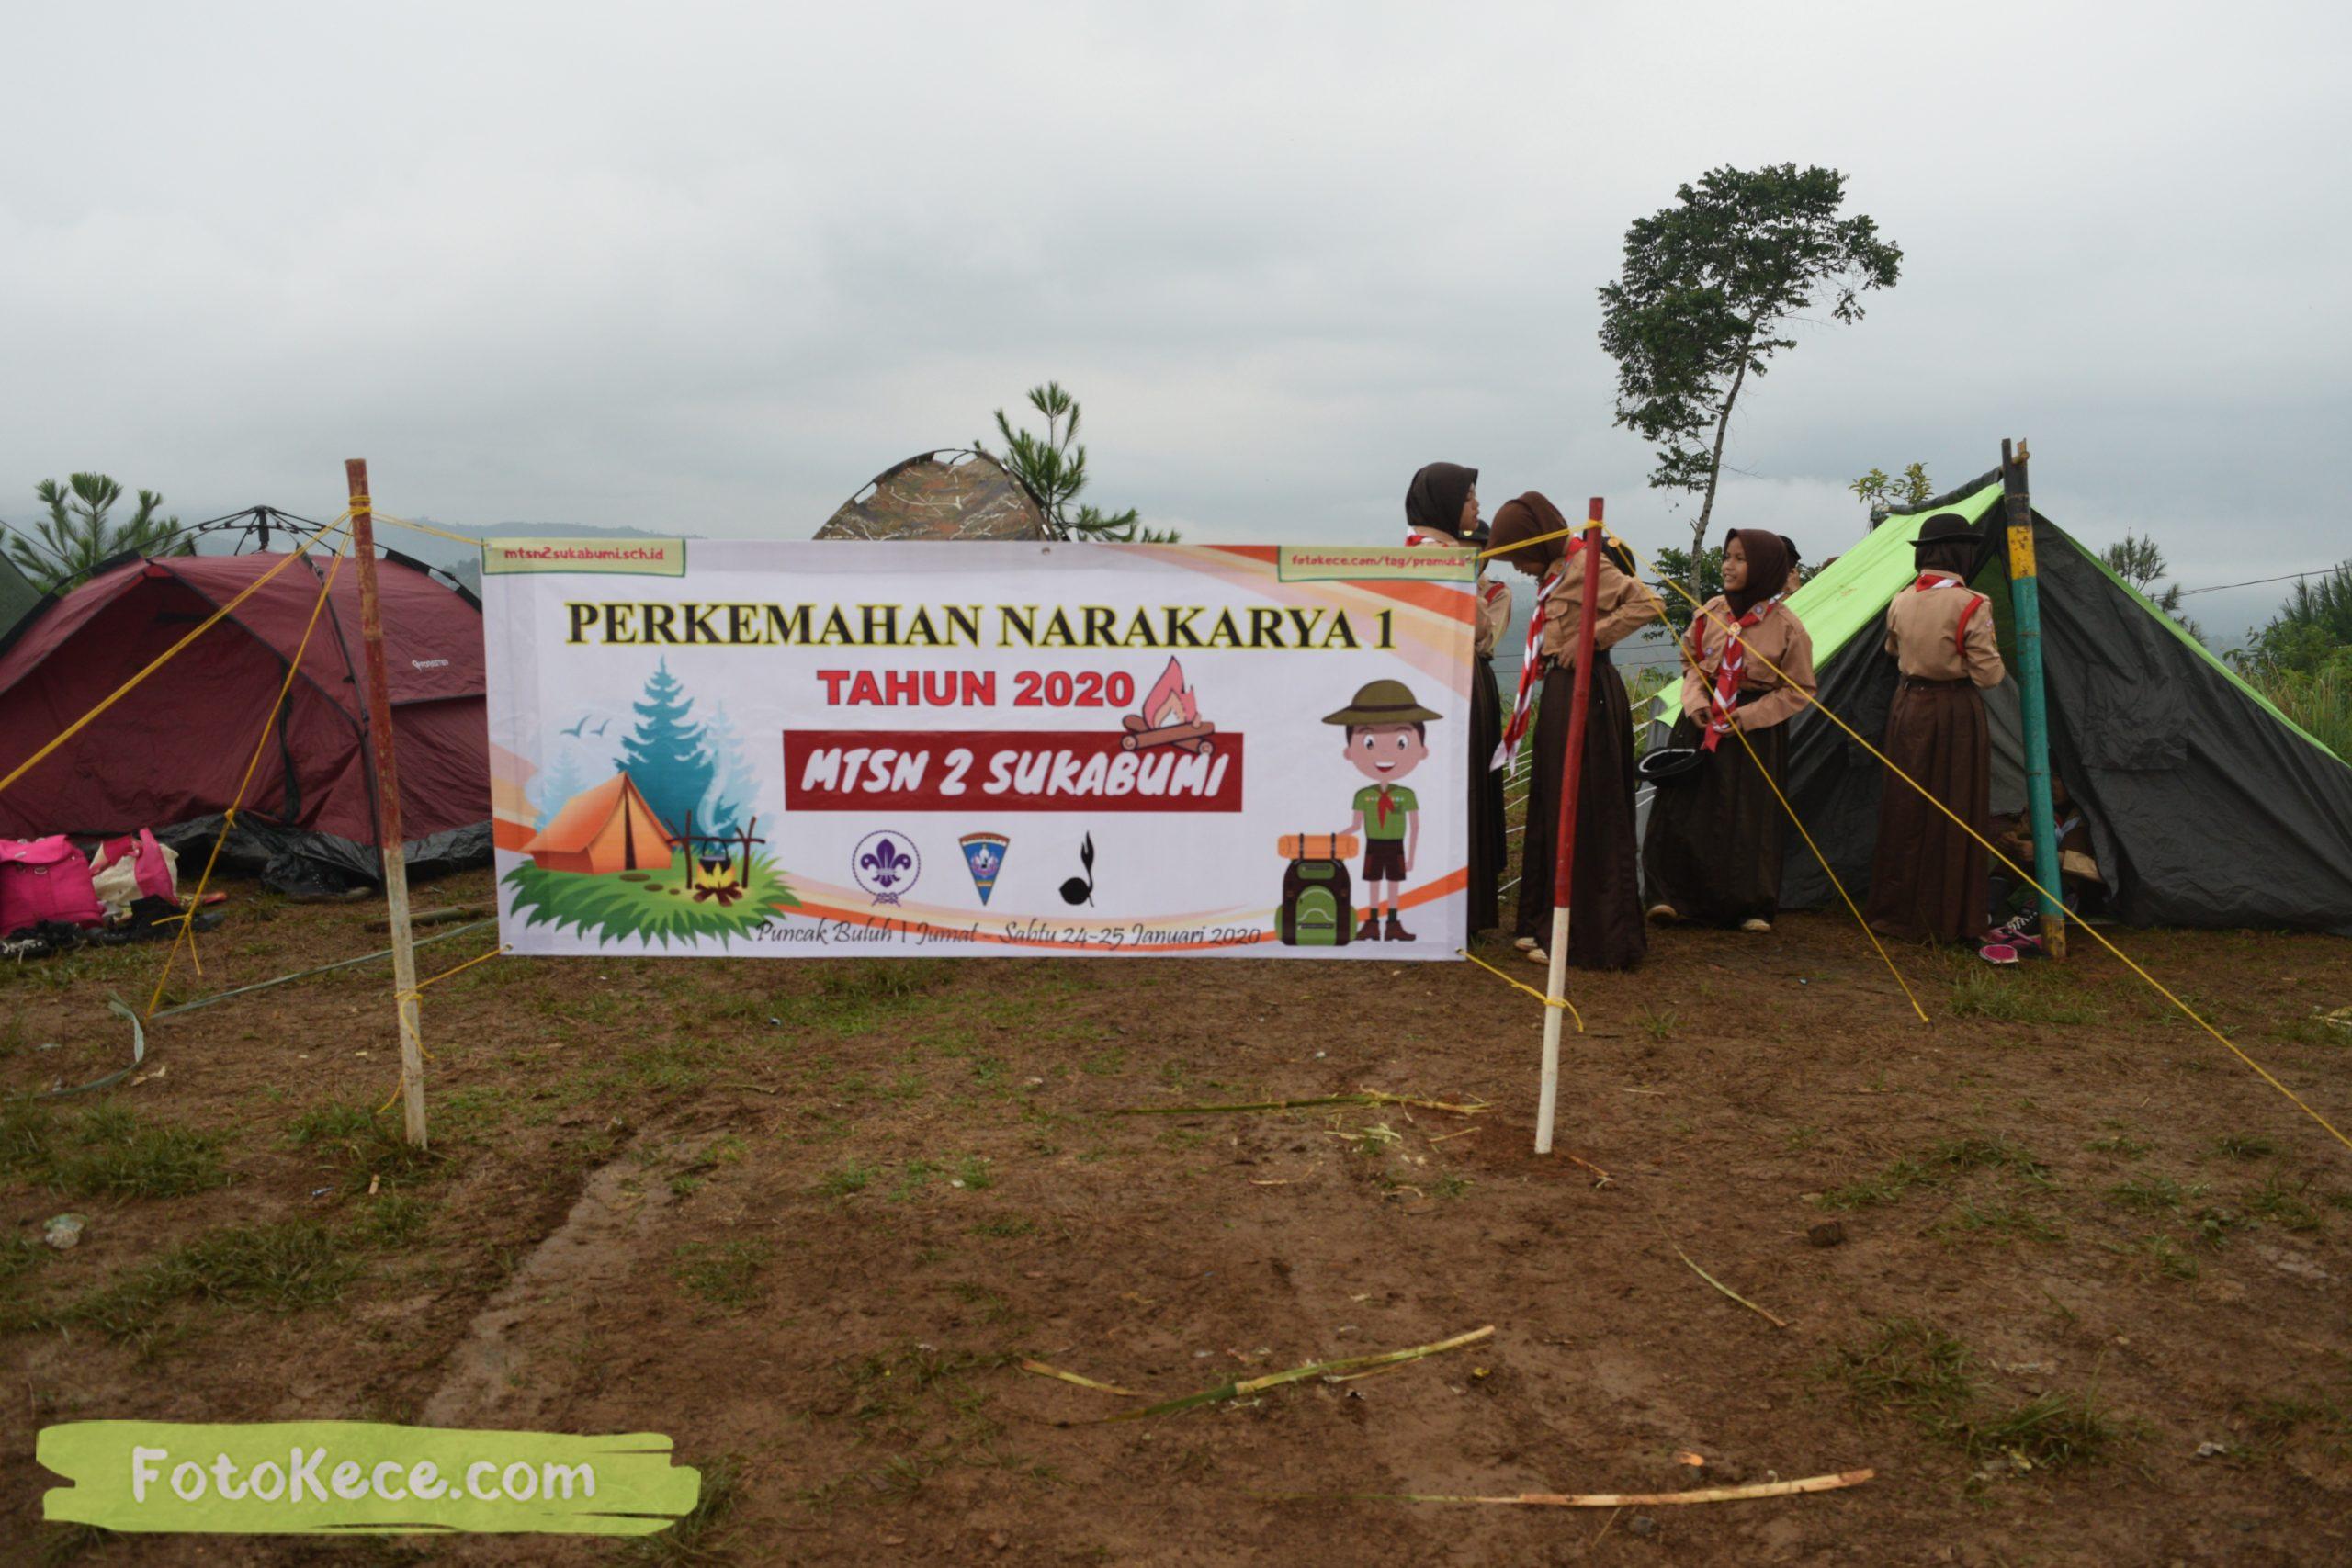 sebelum pembukaan perkemahan narakarya 1 mtsn 2 sukabumi 24 25 januari 2020 pramuka hebat puncak buluh foto kece 31 scaled